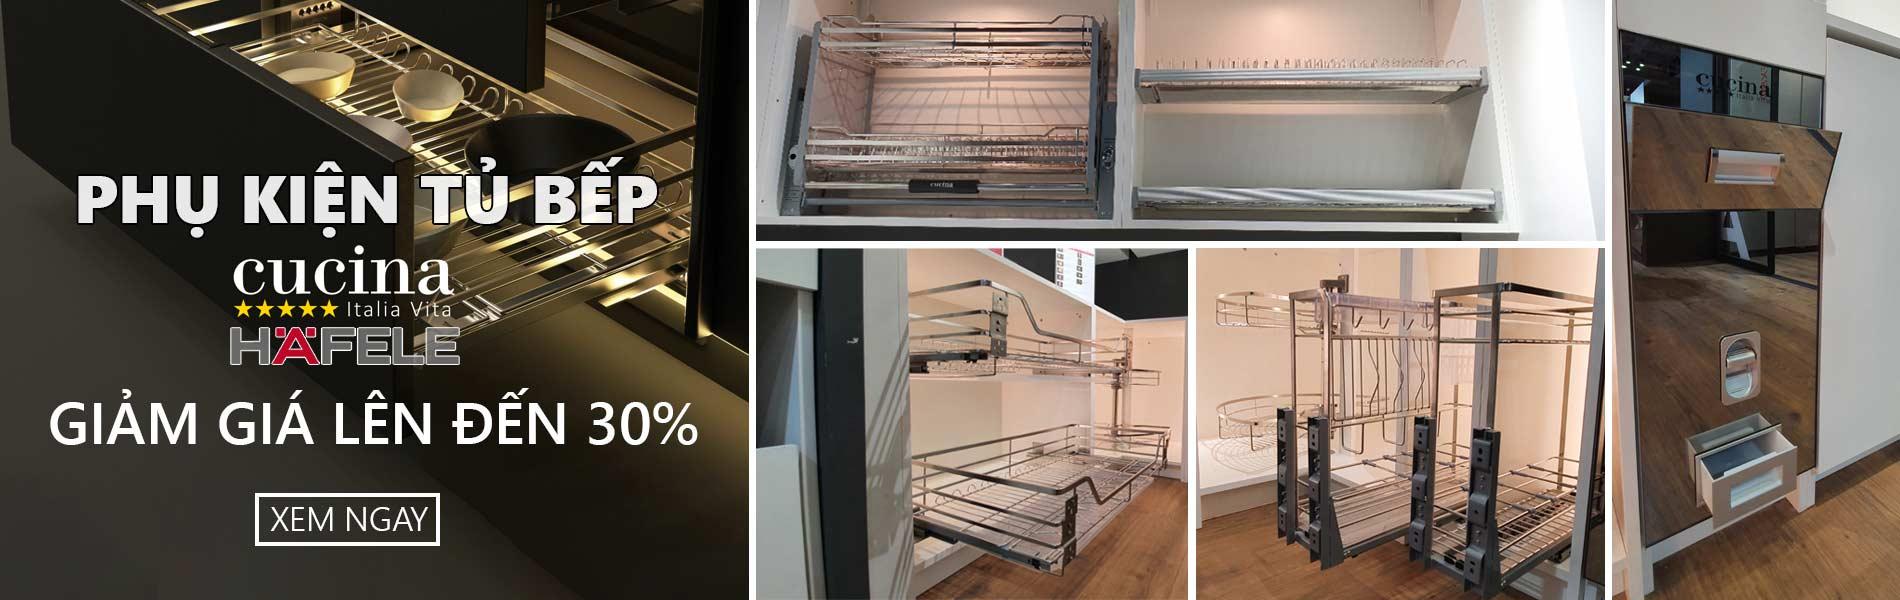 phụ kiện tủ bếp cucina hafele khuyến mãi 30%